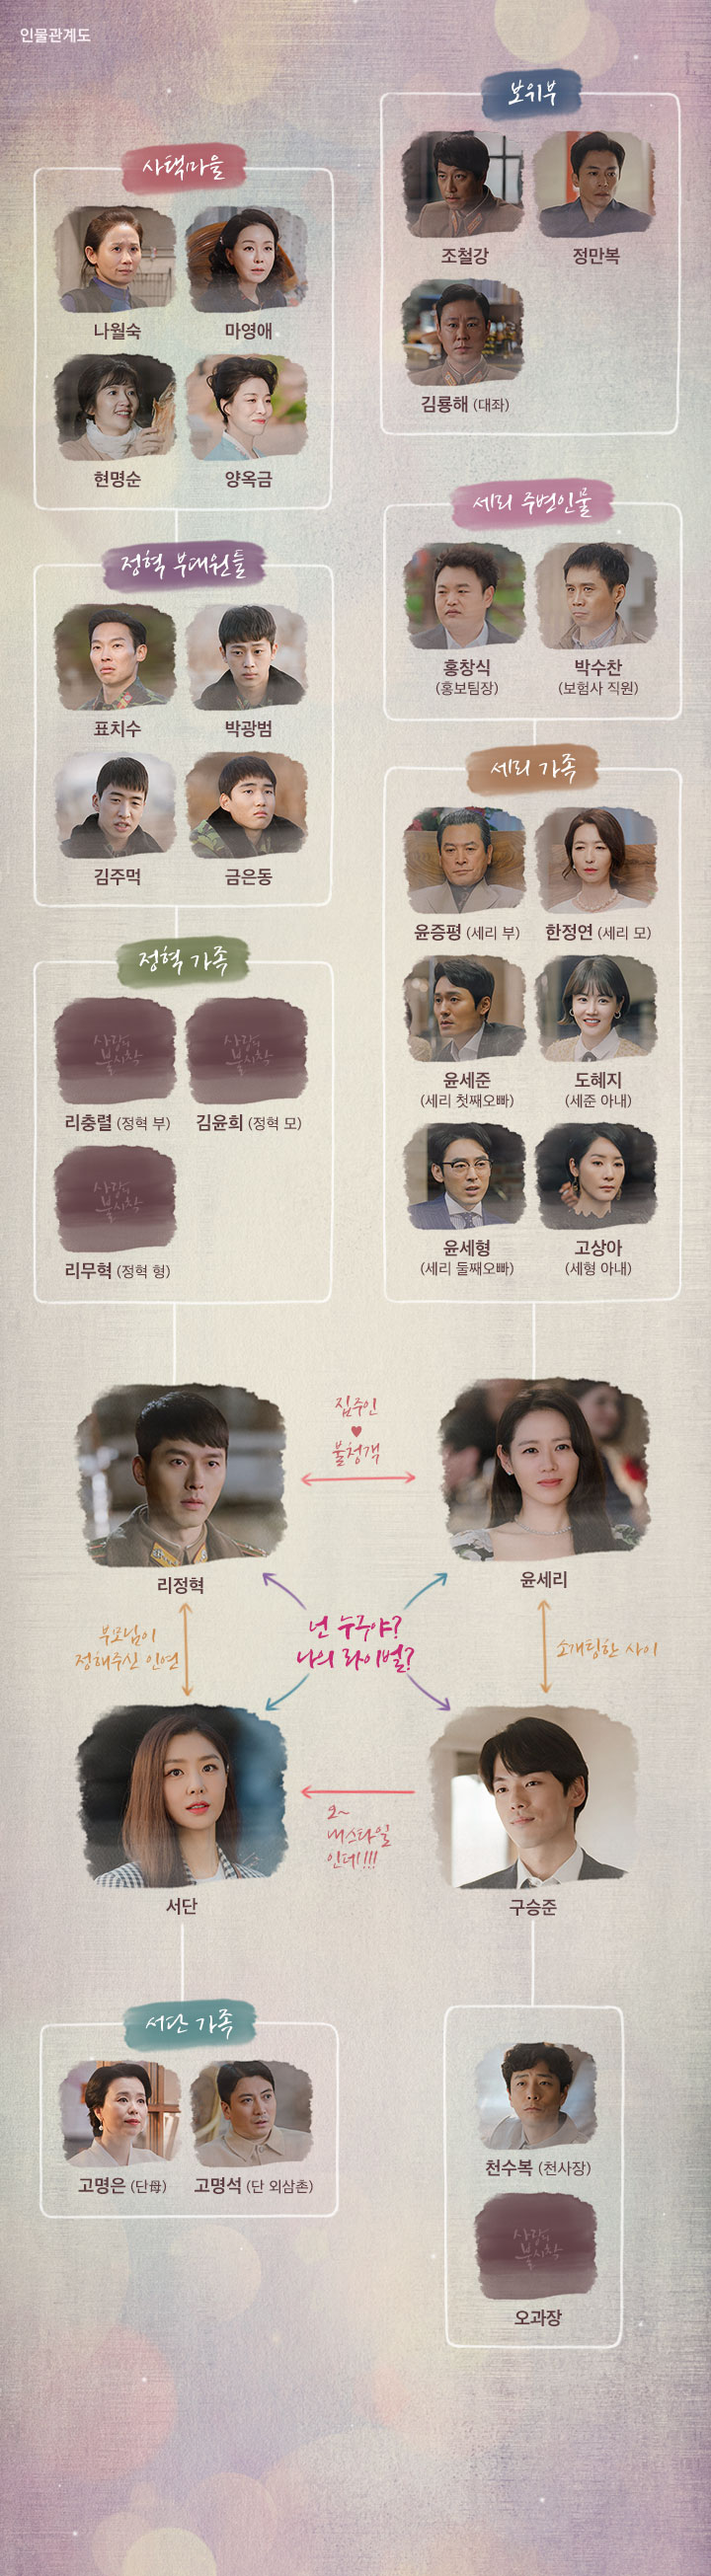 tvN'사랑의 불시착'방송캡처